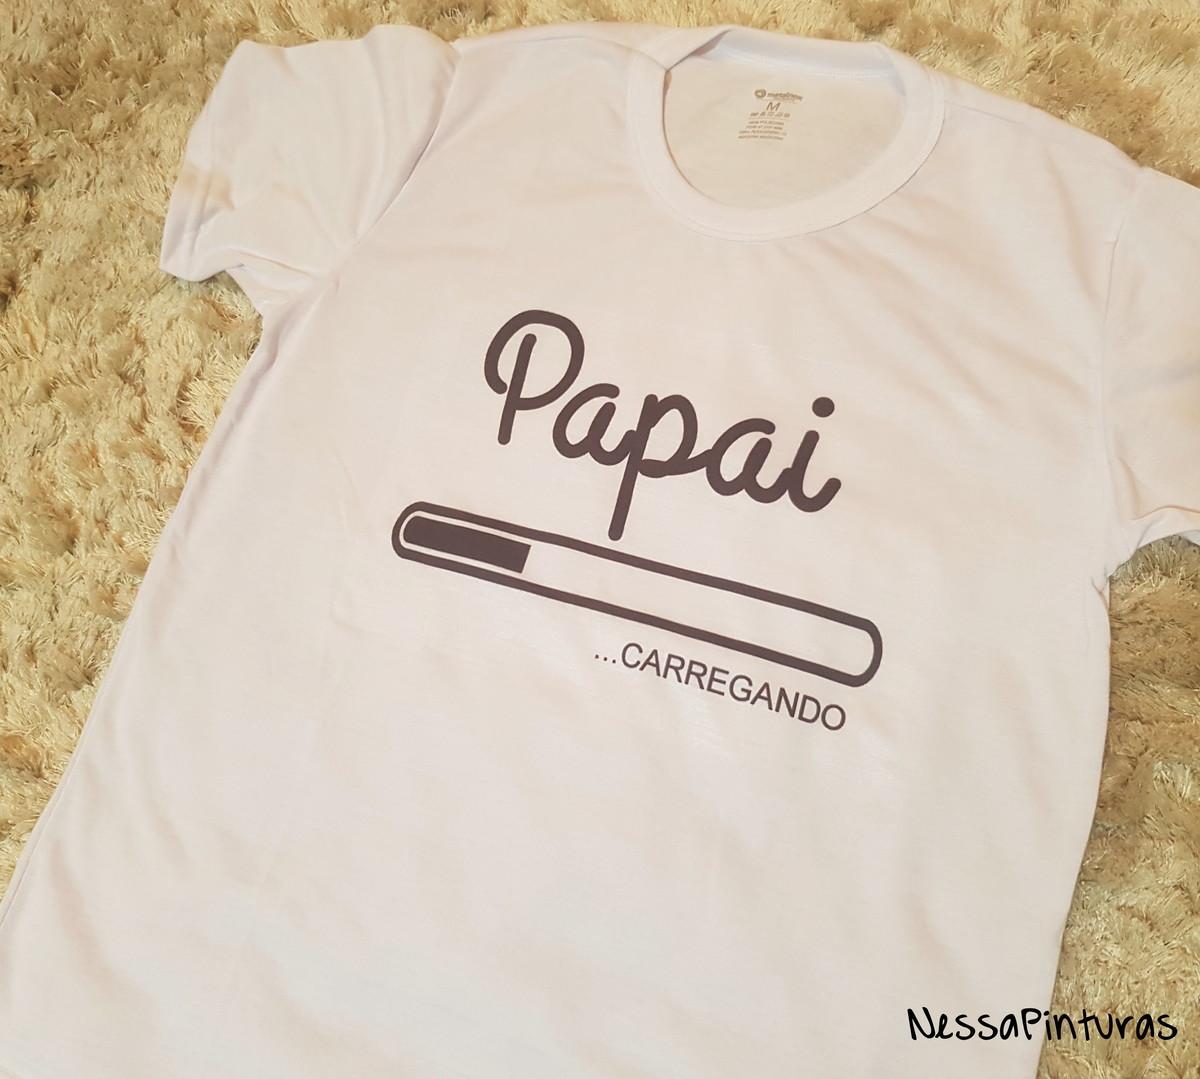 6c5616c6da Camiseta Papai -Carregando no Elo7